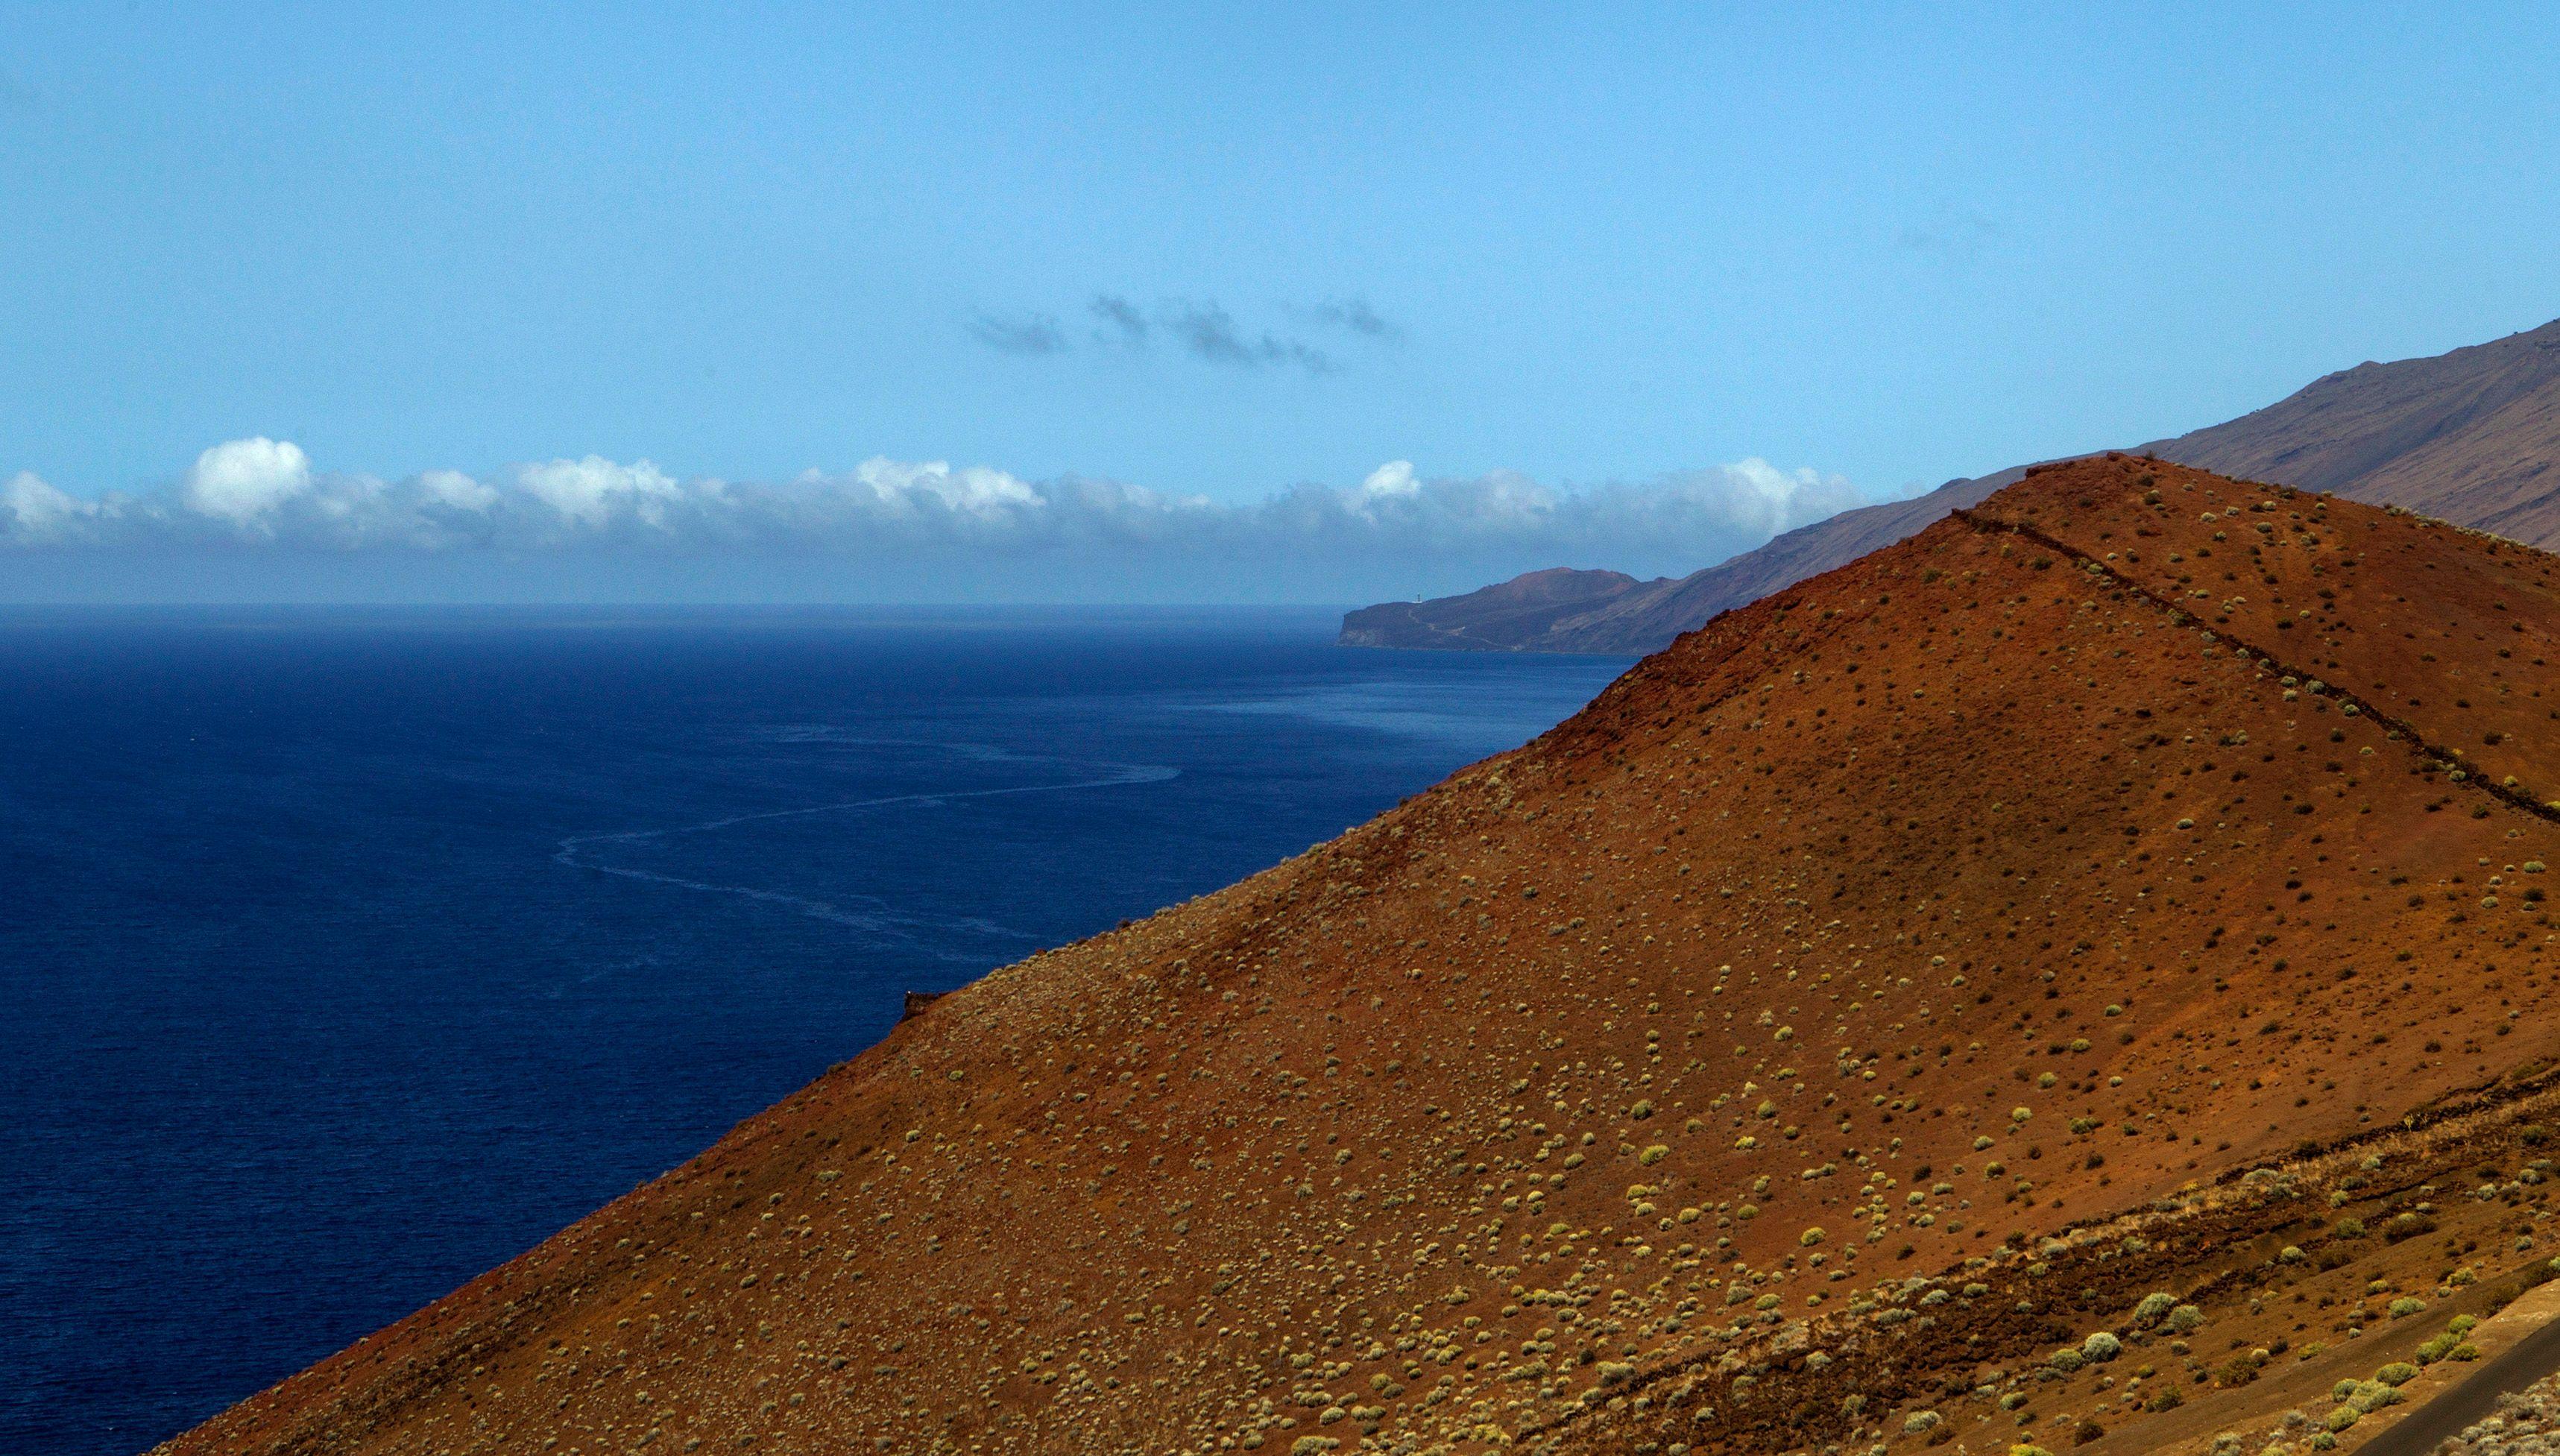 El Hierro, première île du monde puisant uniquement son énergie du vent et de l'eau: quelles leçons en tirer?